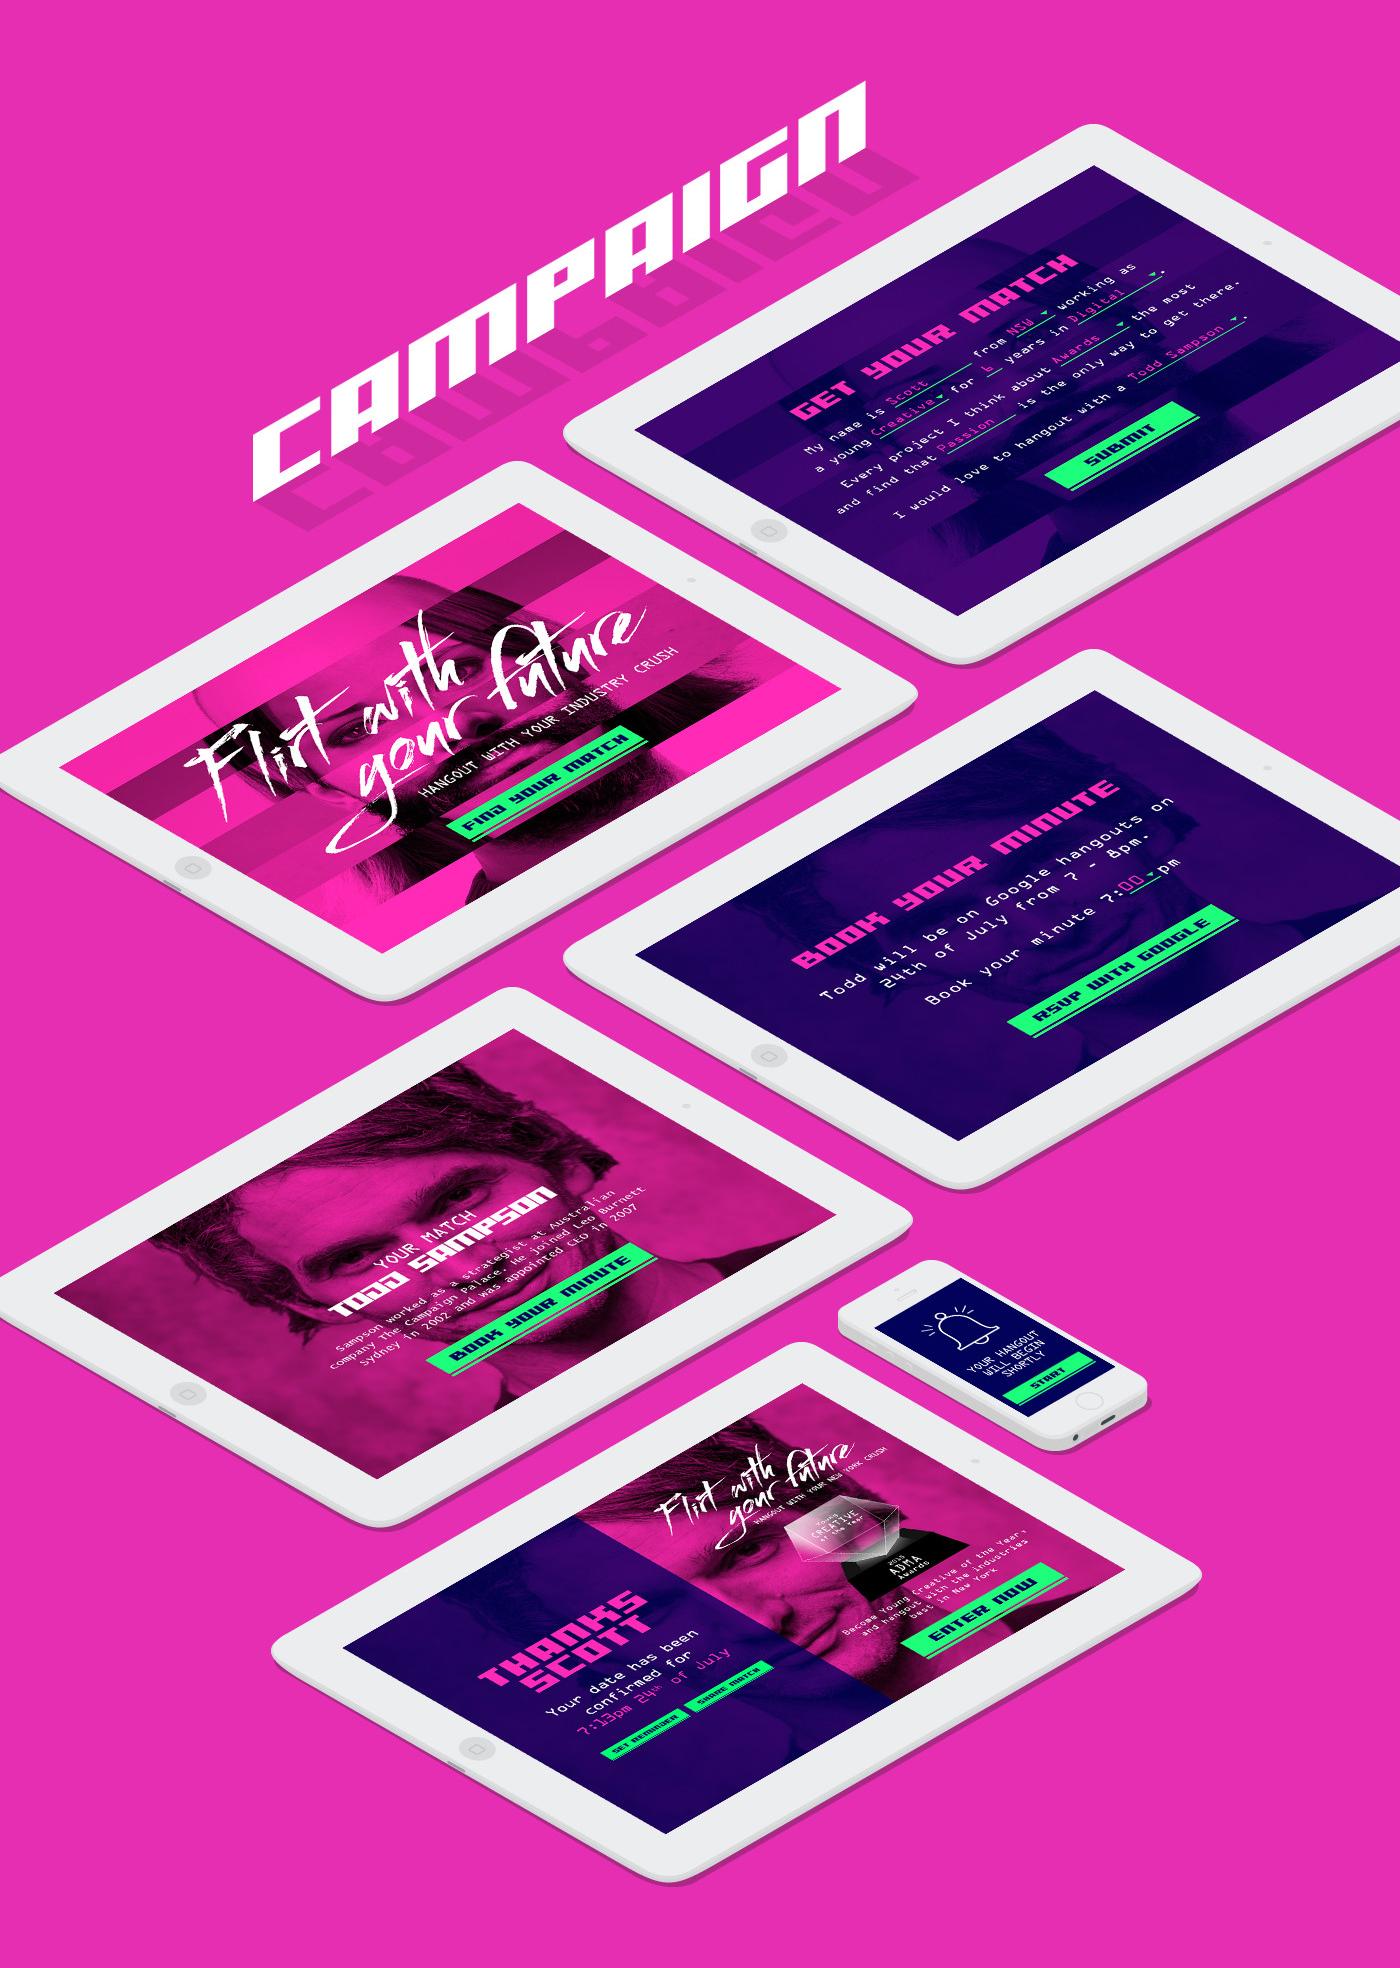 FWYF_05_Campaign.jpg